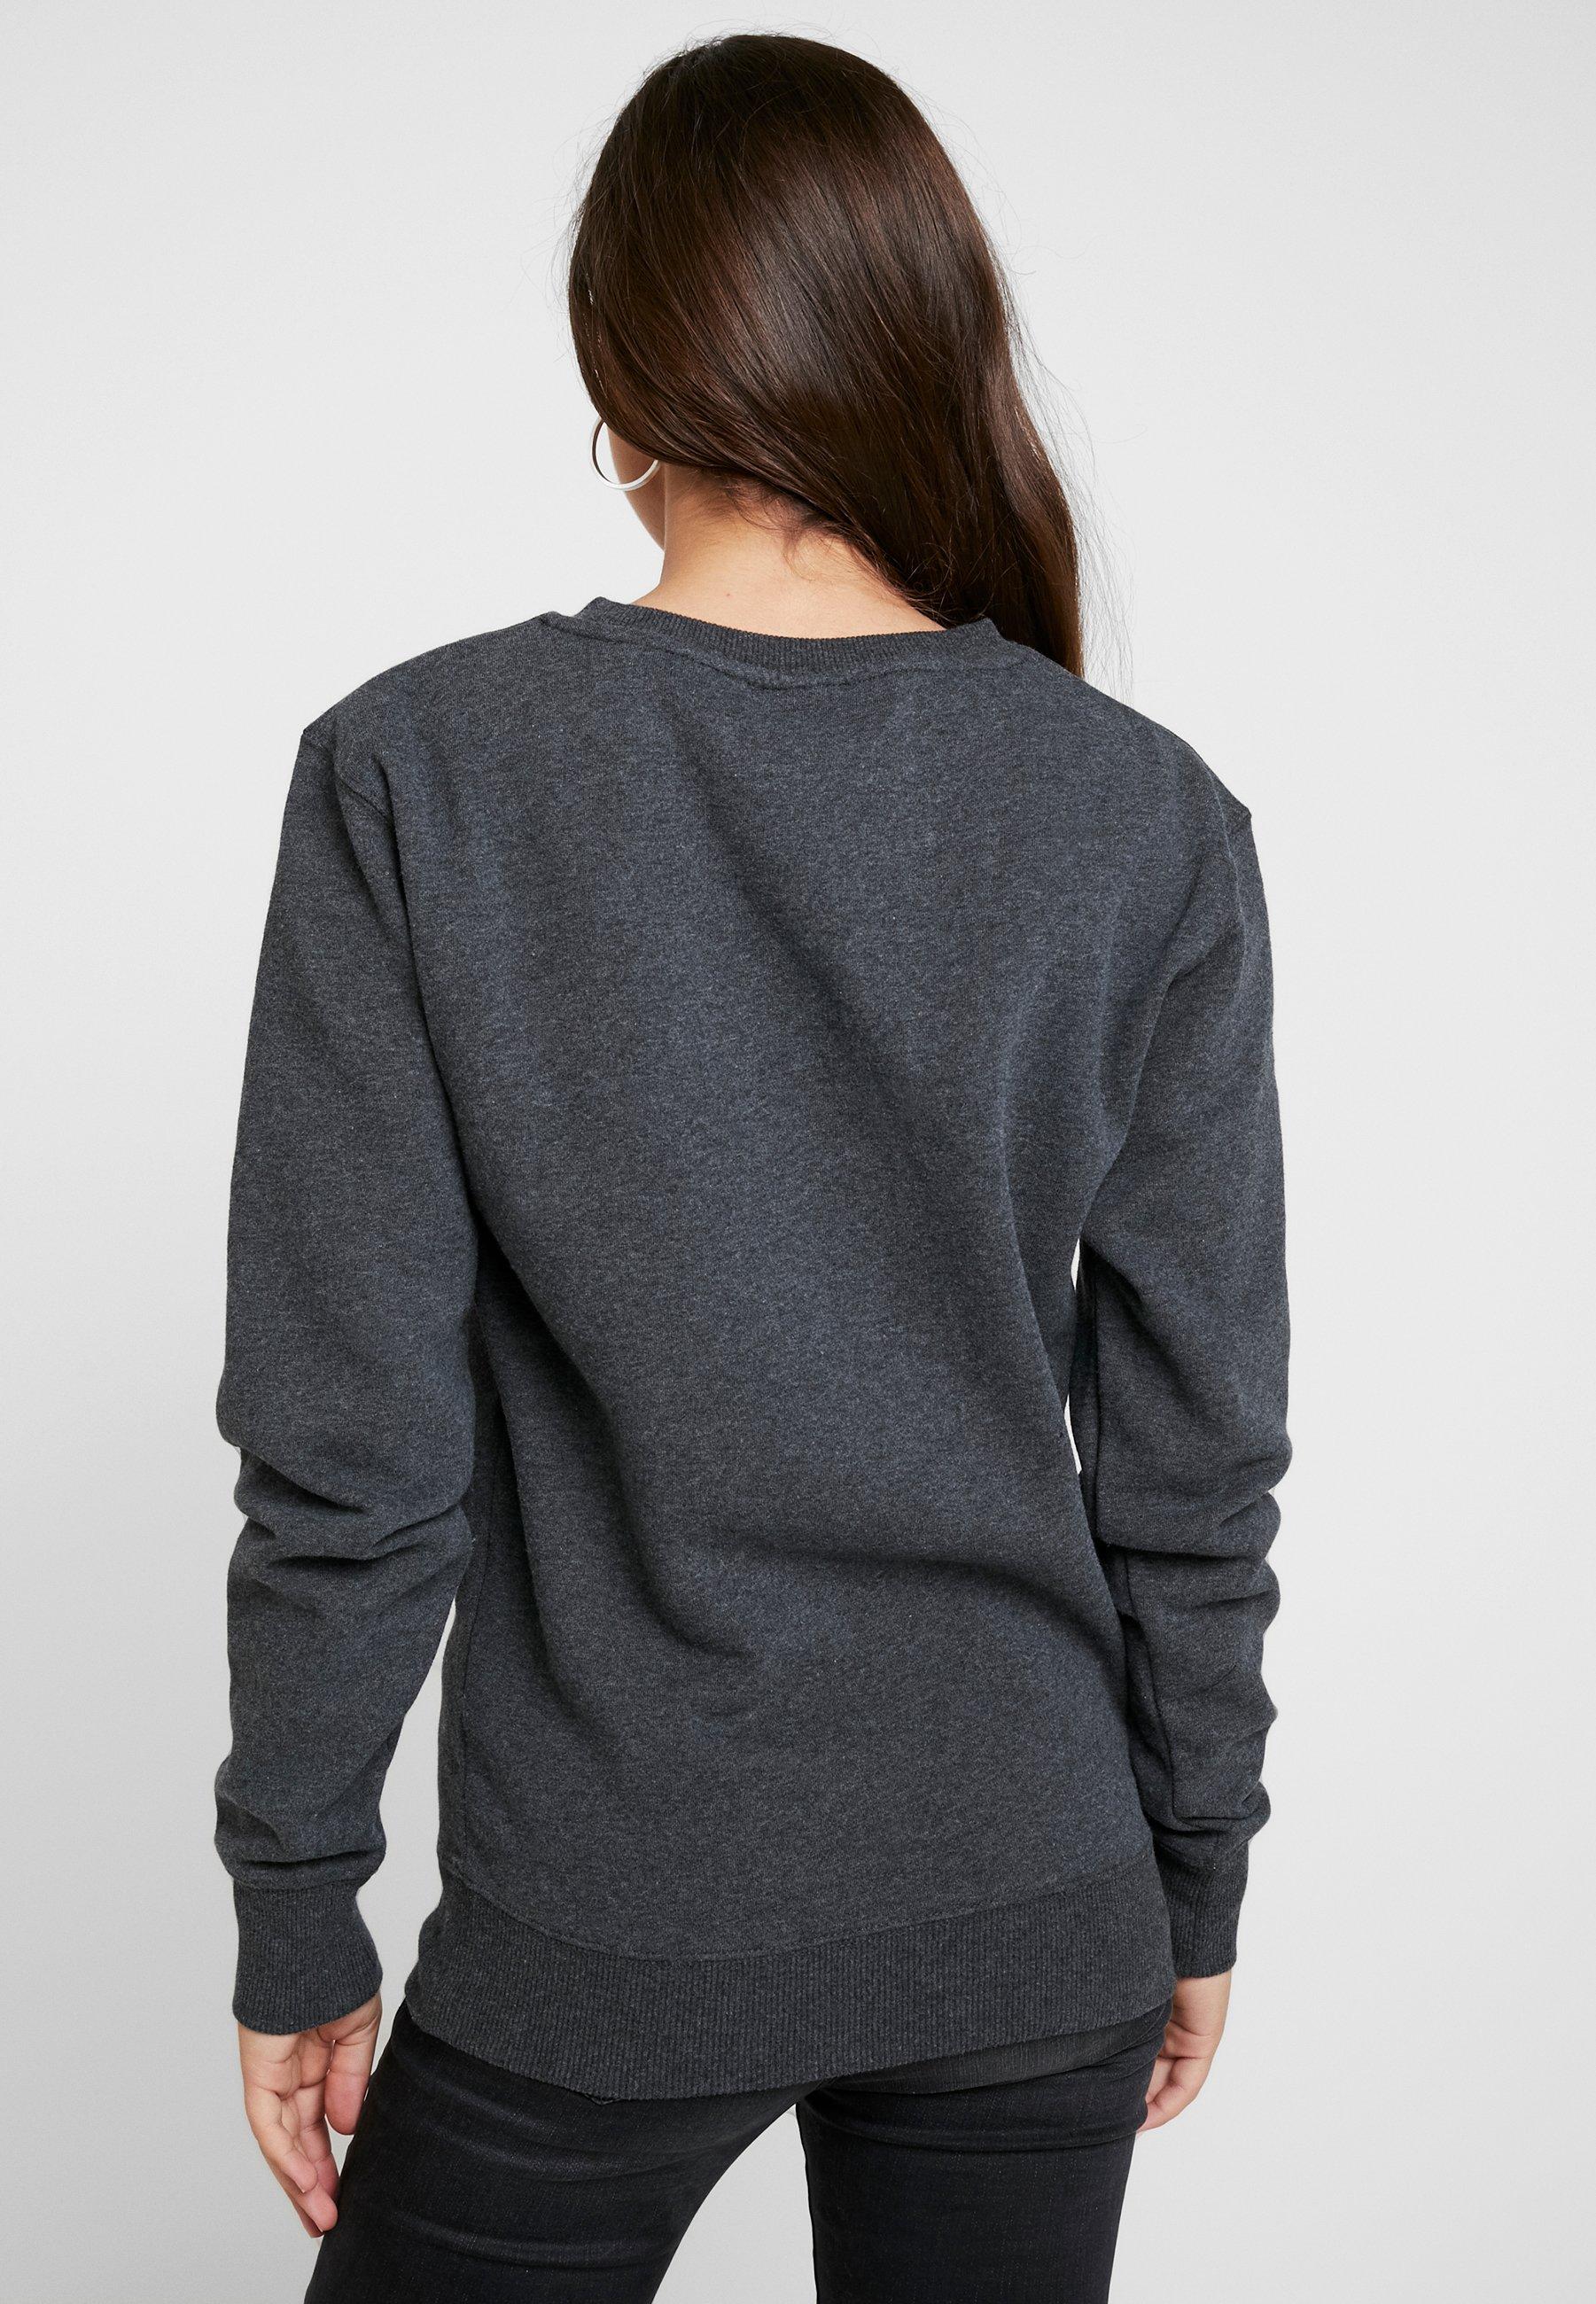 AgataSweatshirt Marl Ellesse Grey Dark yn8wvmNP0O